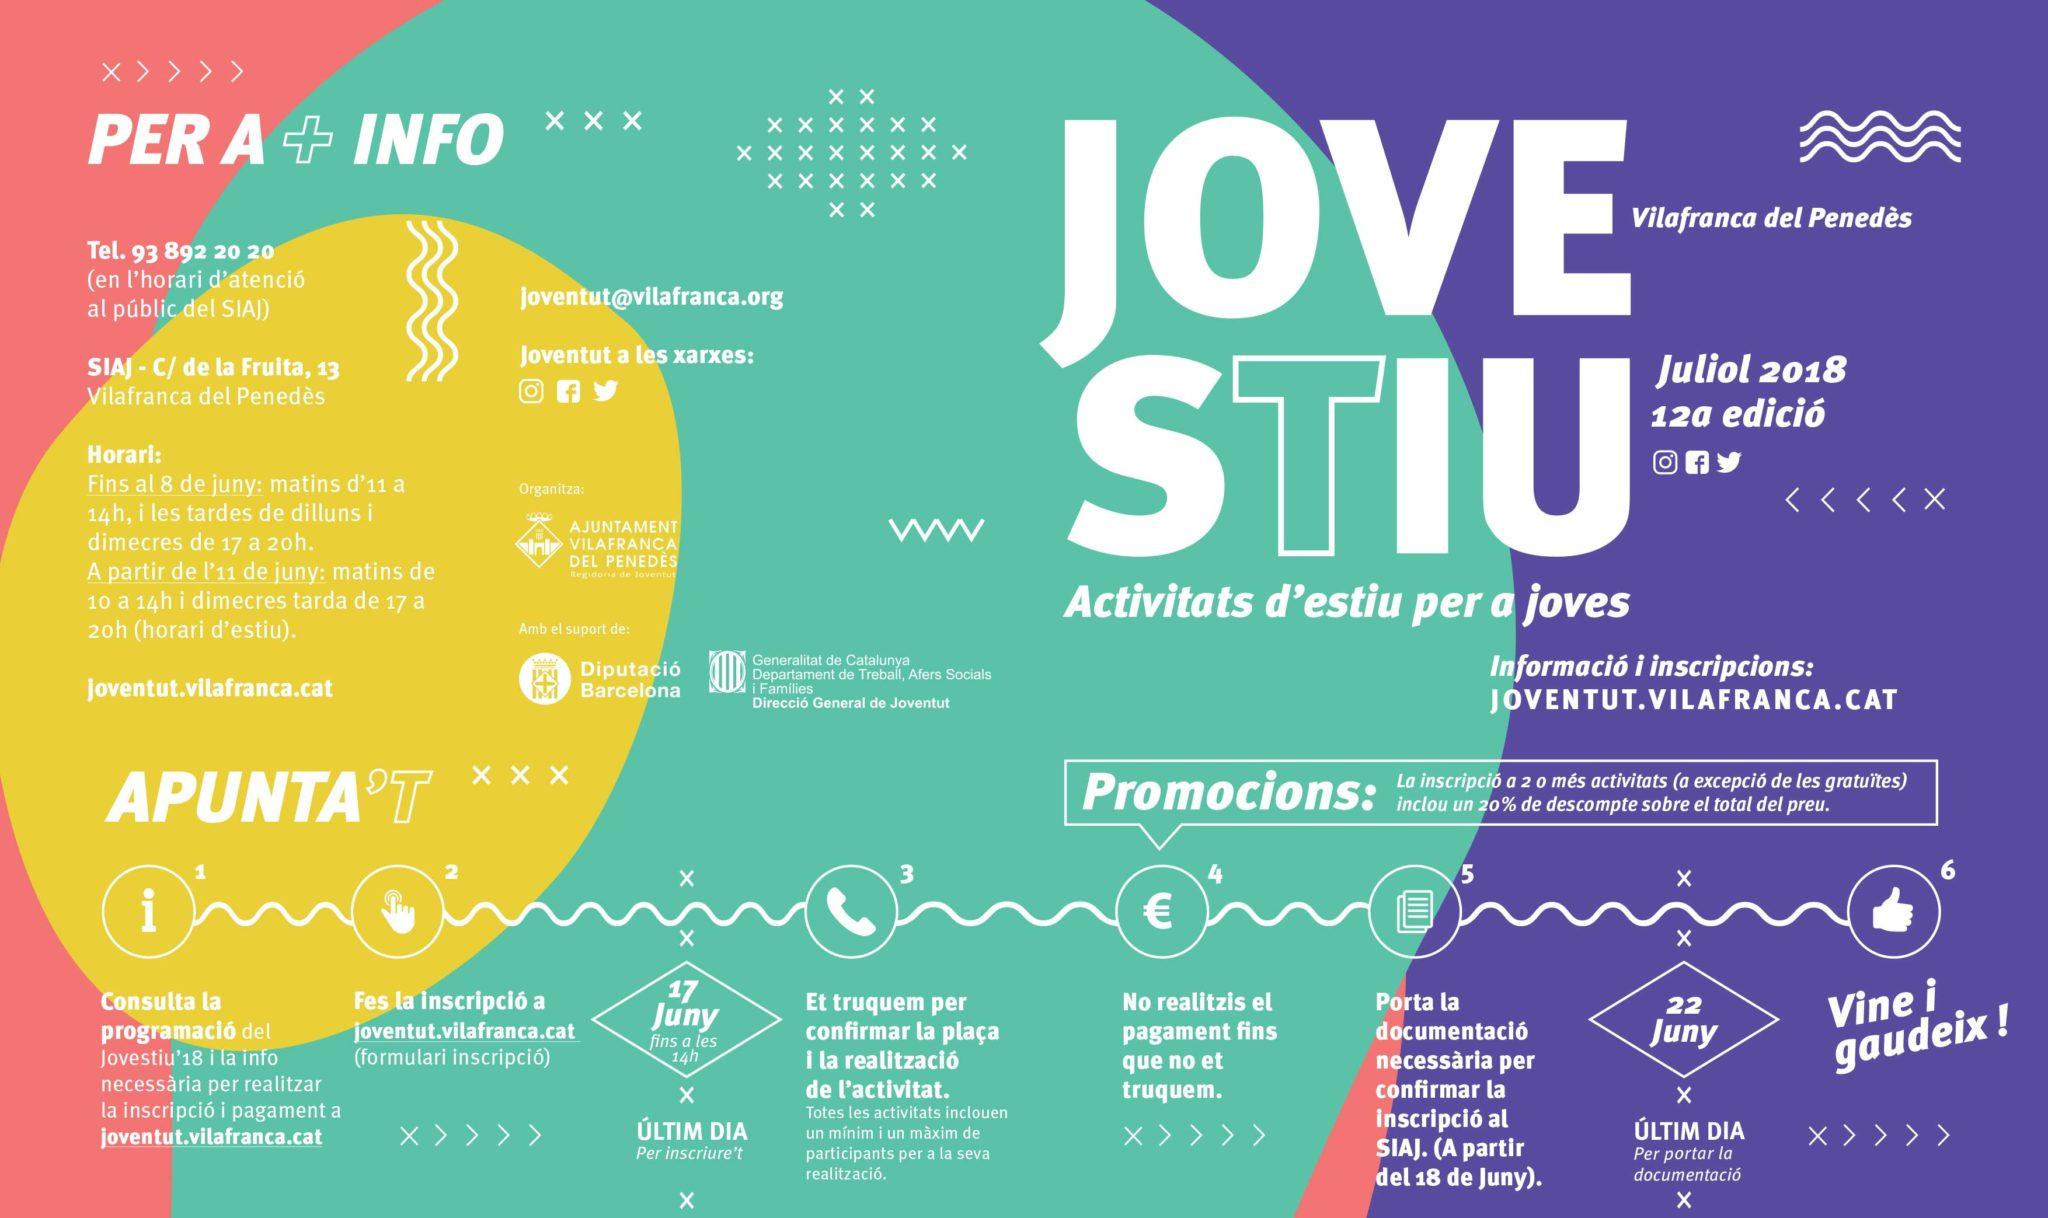 Info Jovestiu Disculpi Studio Vilafranca del Penedes - JOVESTIU - Disseny del programa d'activitats d'estiu per a joves a Vilafranca del Penedès